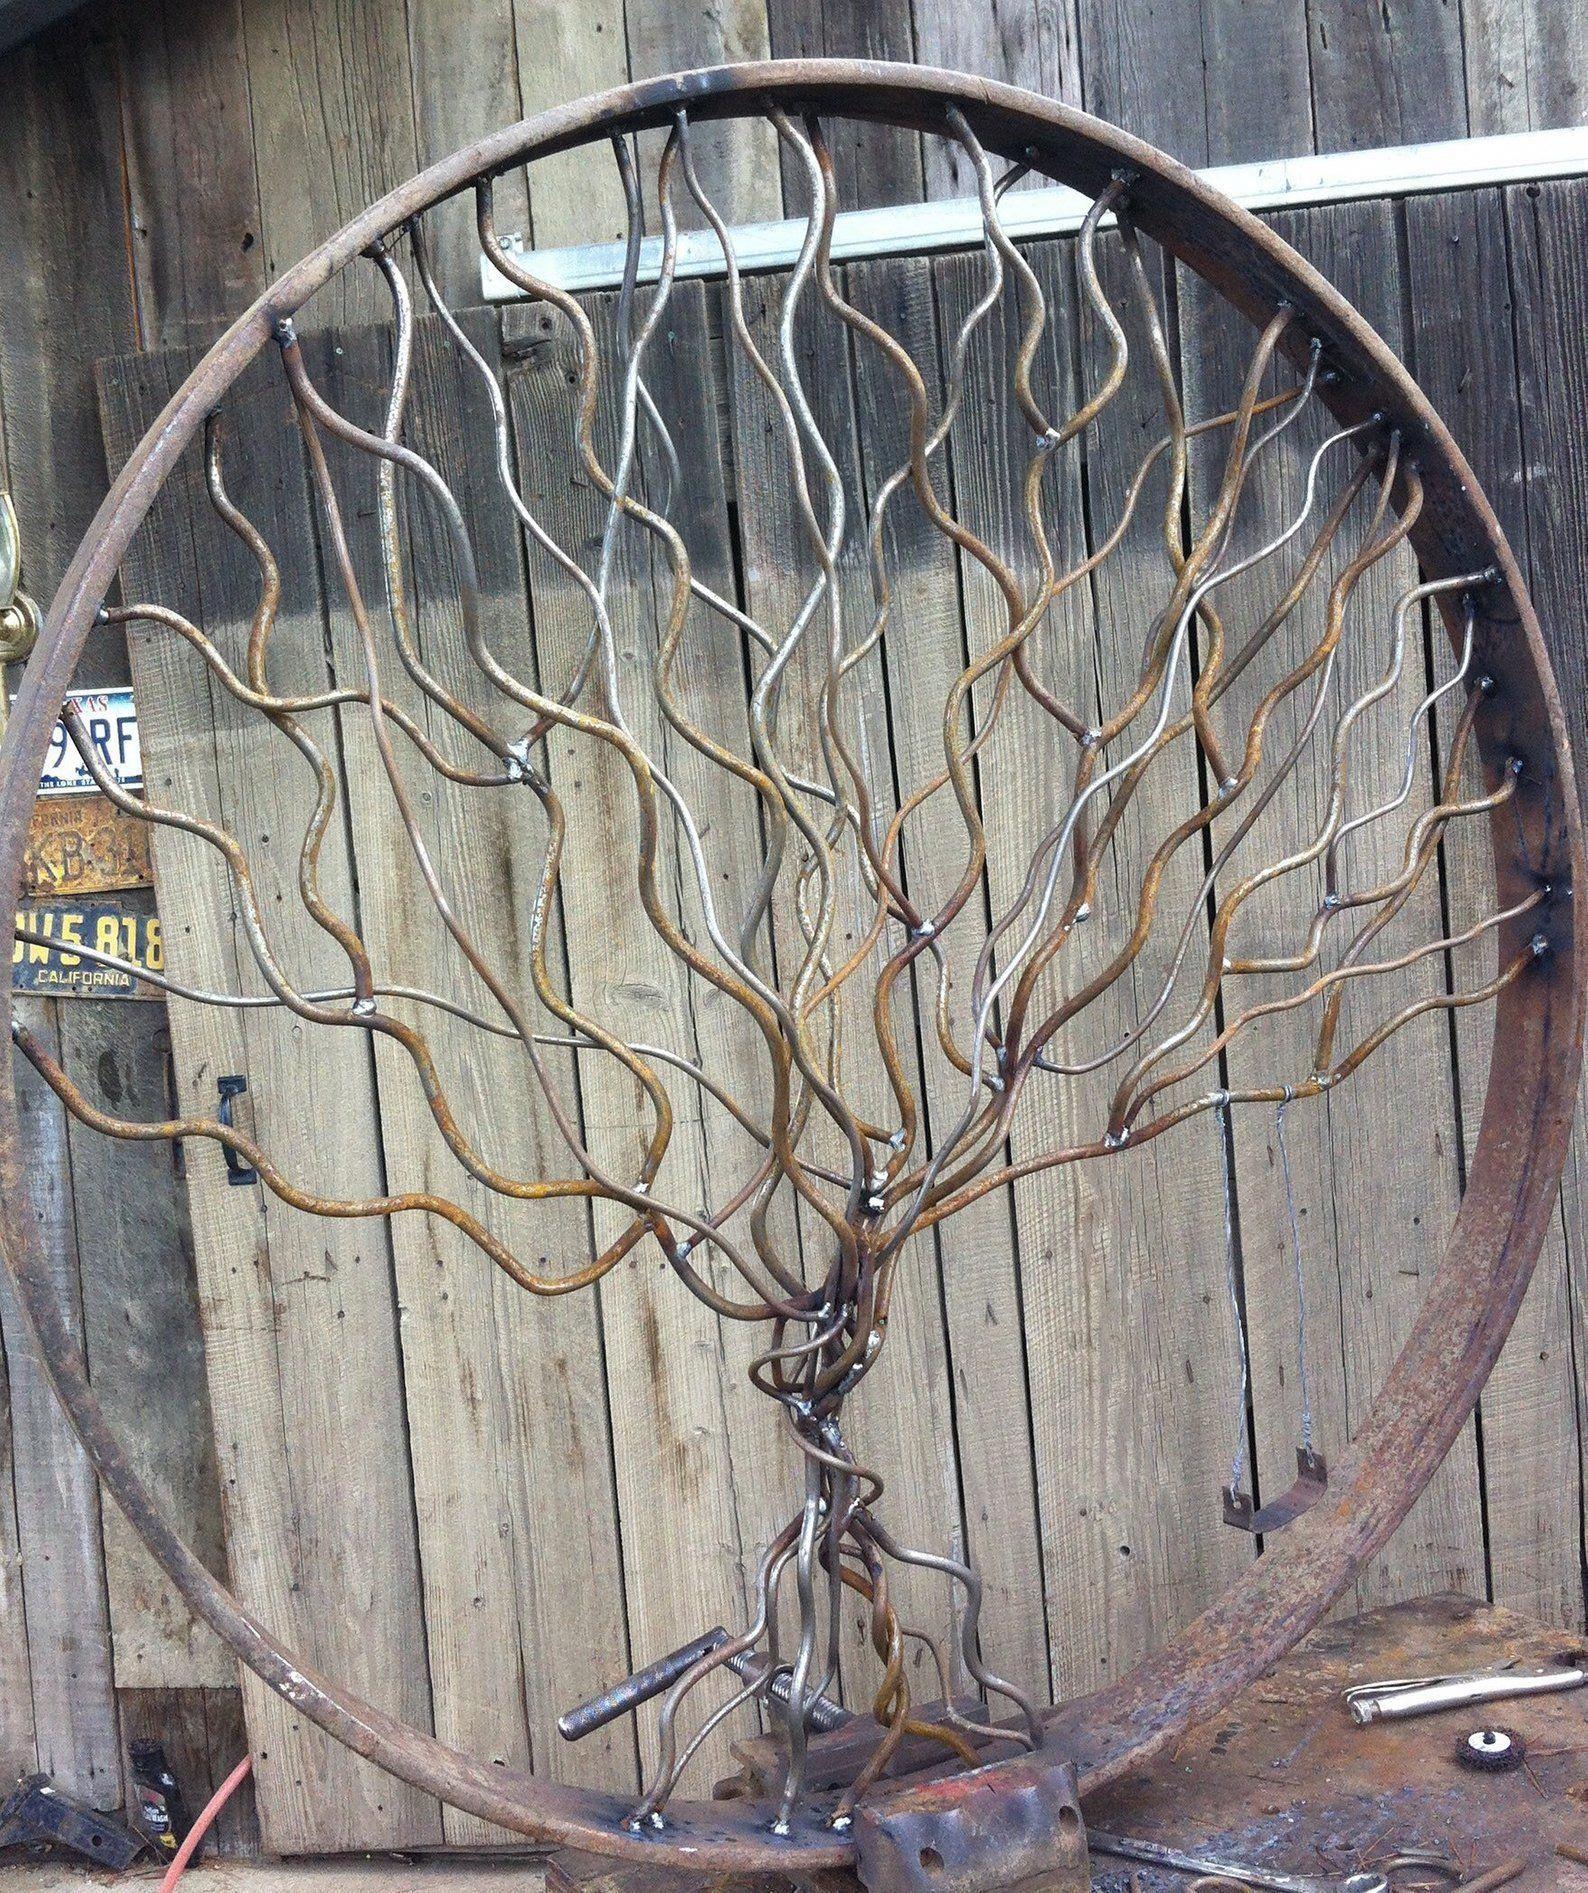 Antique Wagon Wheel With Oak Tree In 2020